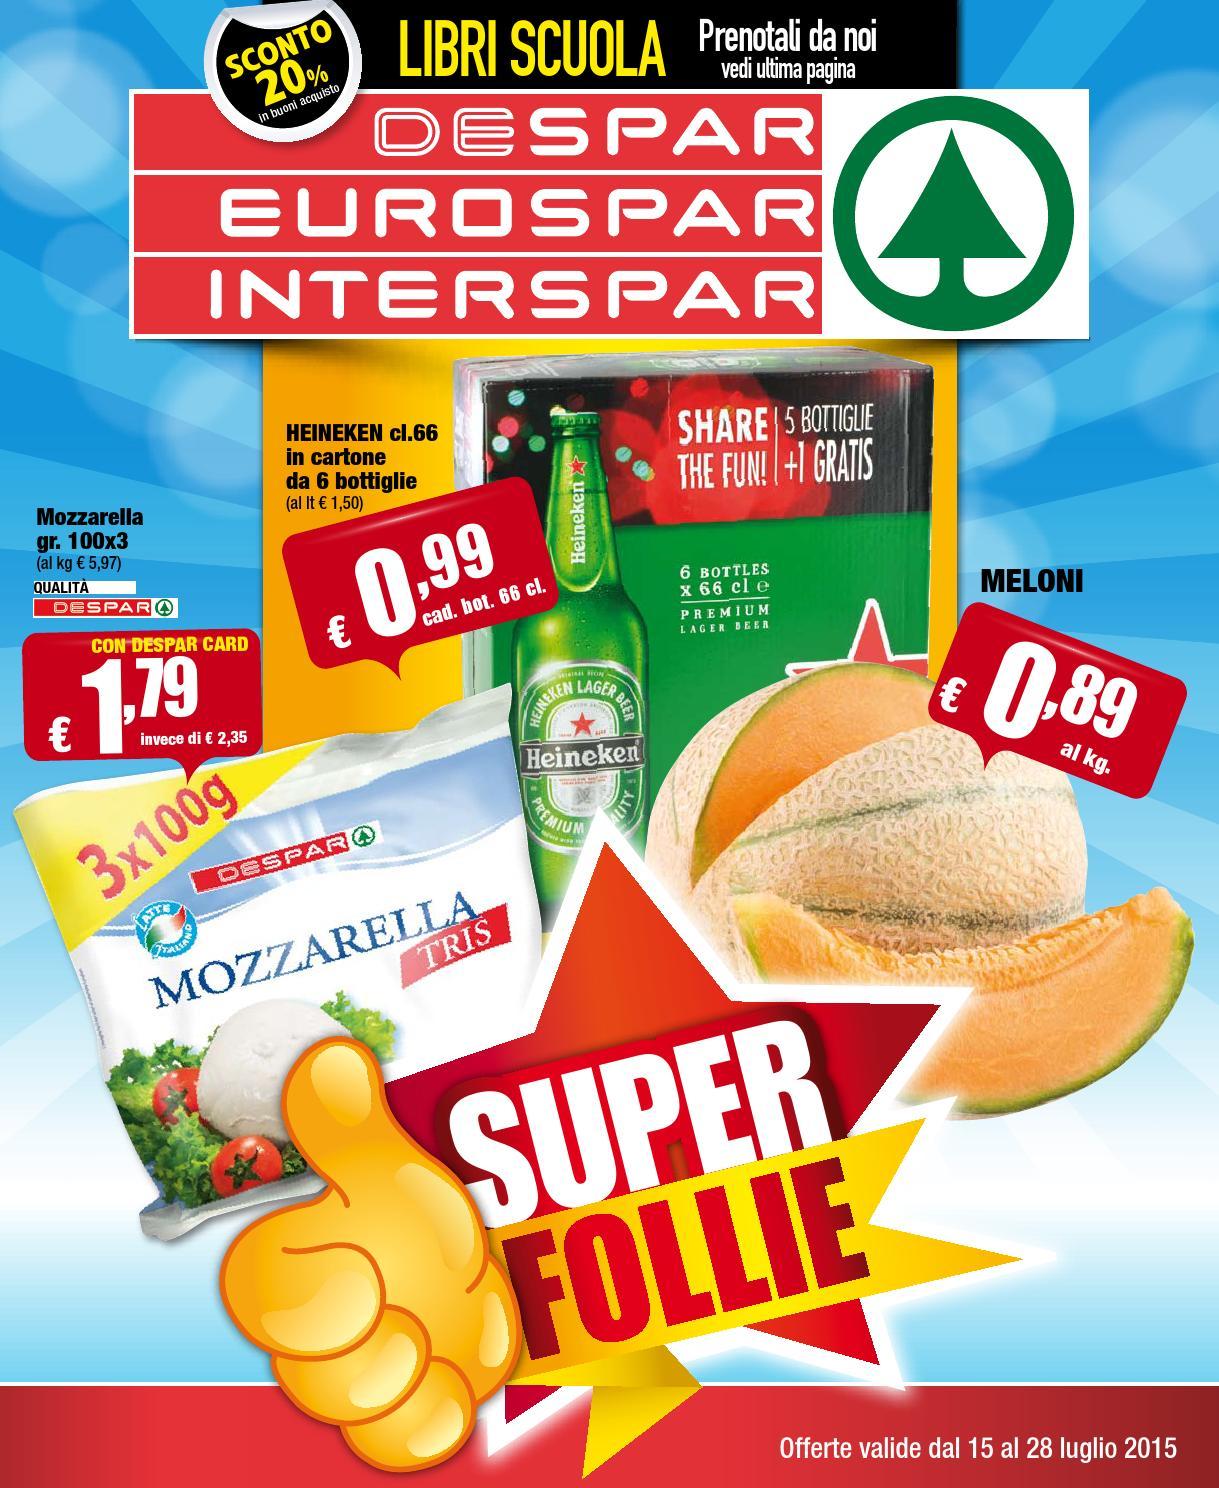 Despar eurospar interspar volantino offerte 14 2015 by for Volantino offerte despar messina